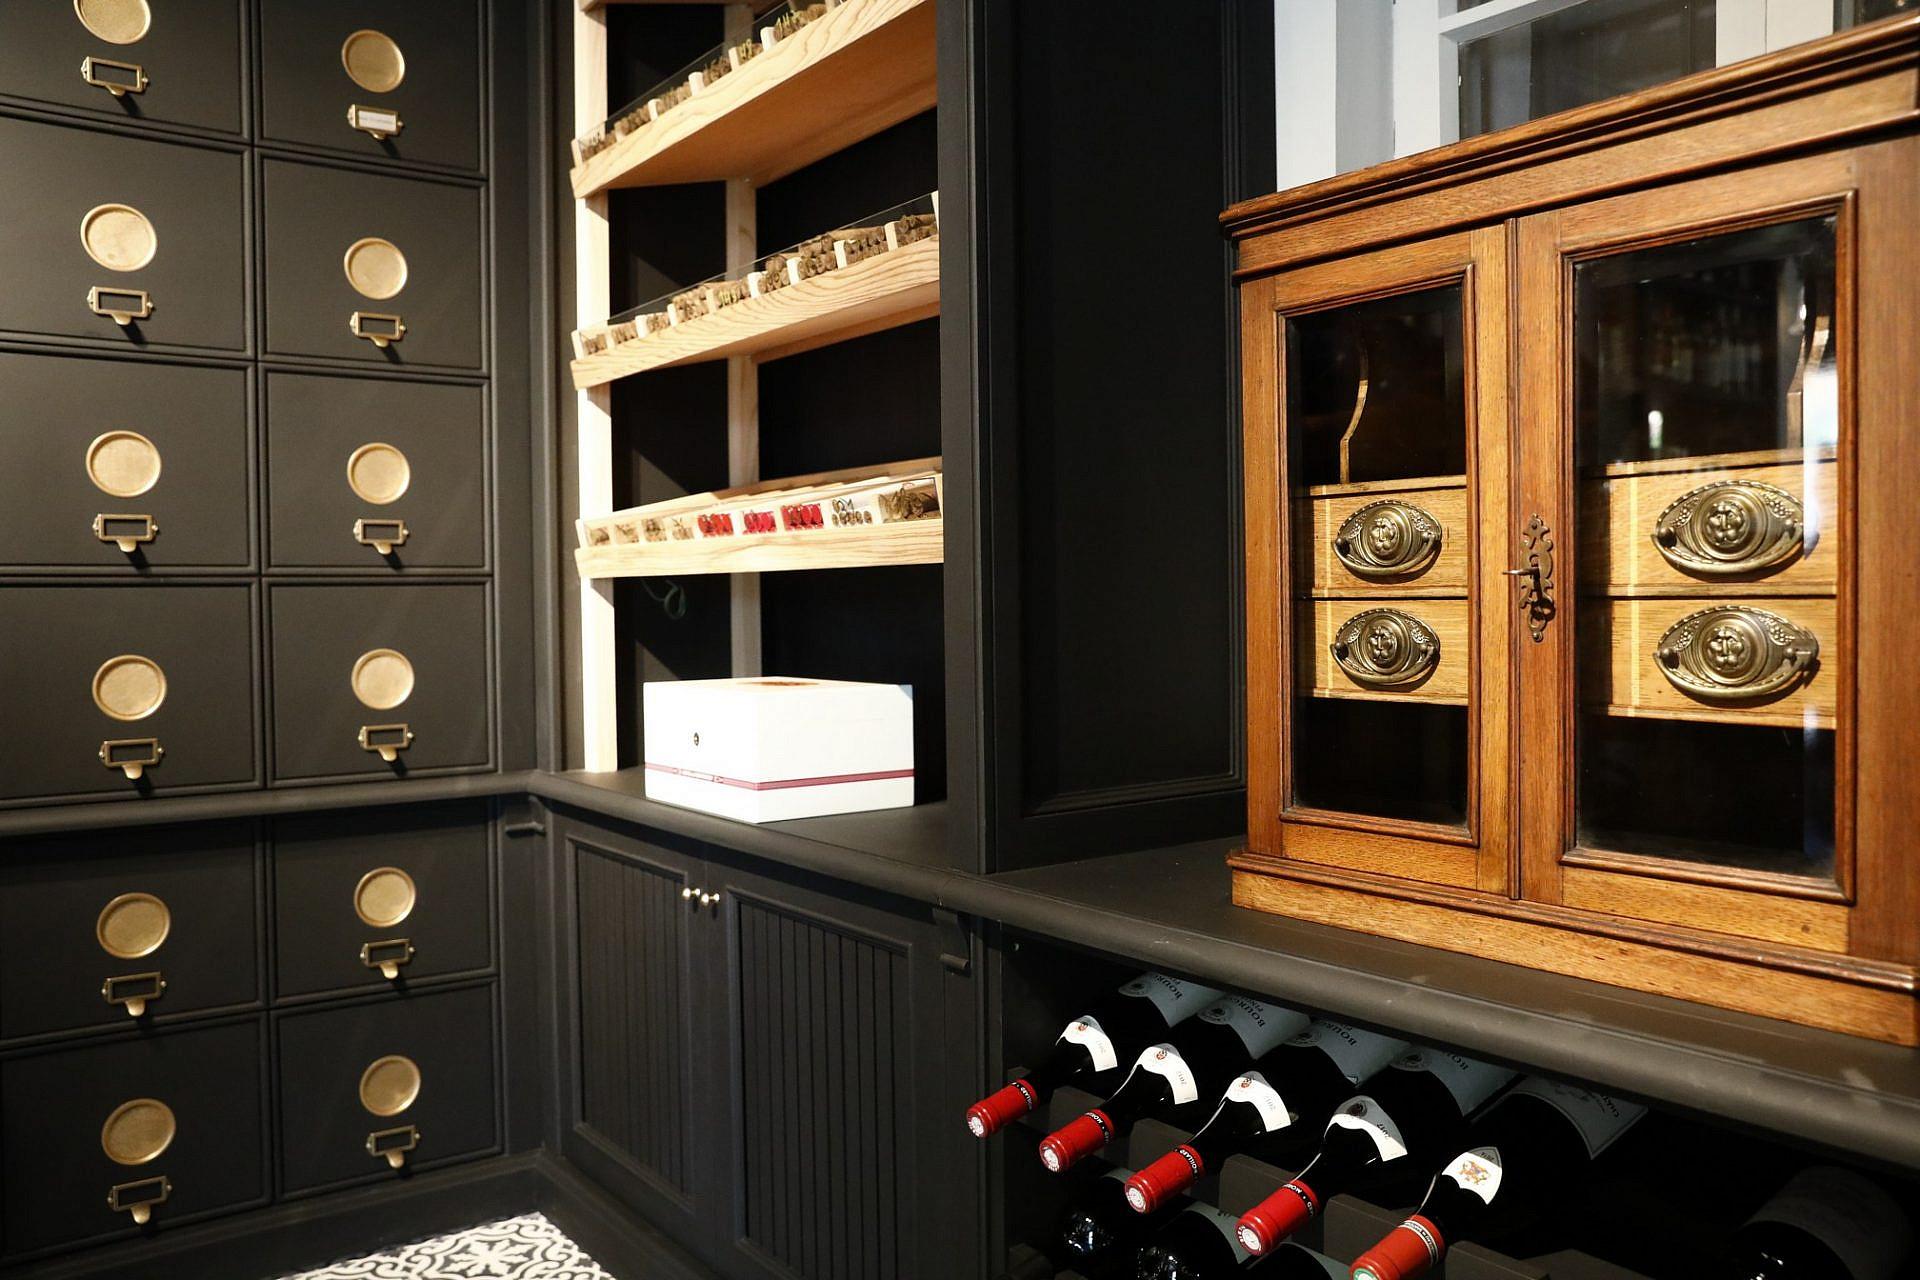 חדר קירור ליום לח. Just Cigars. צילום: באדיבות מגזין סיגר